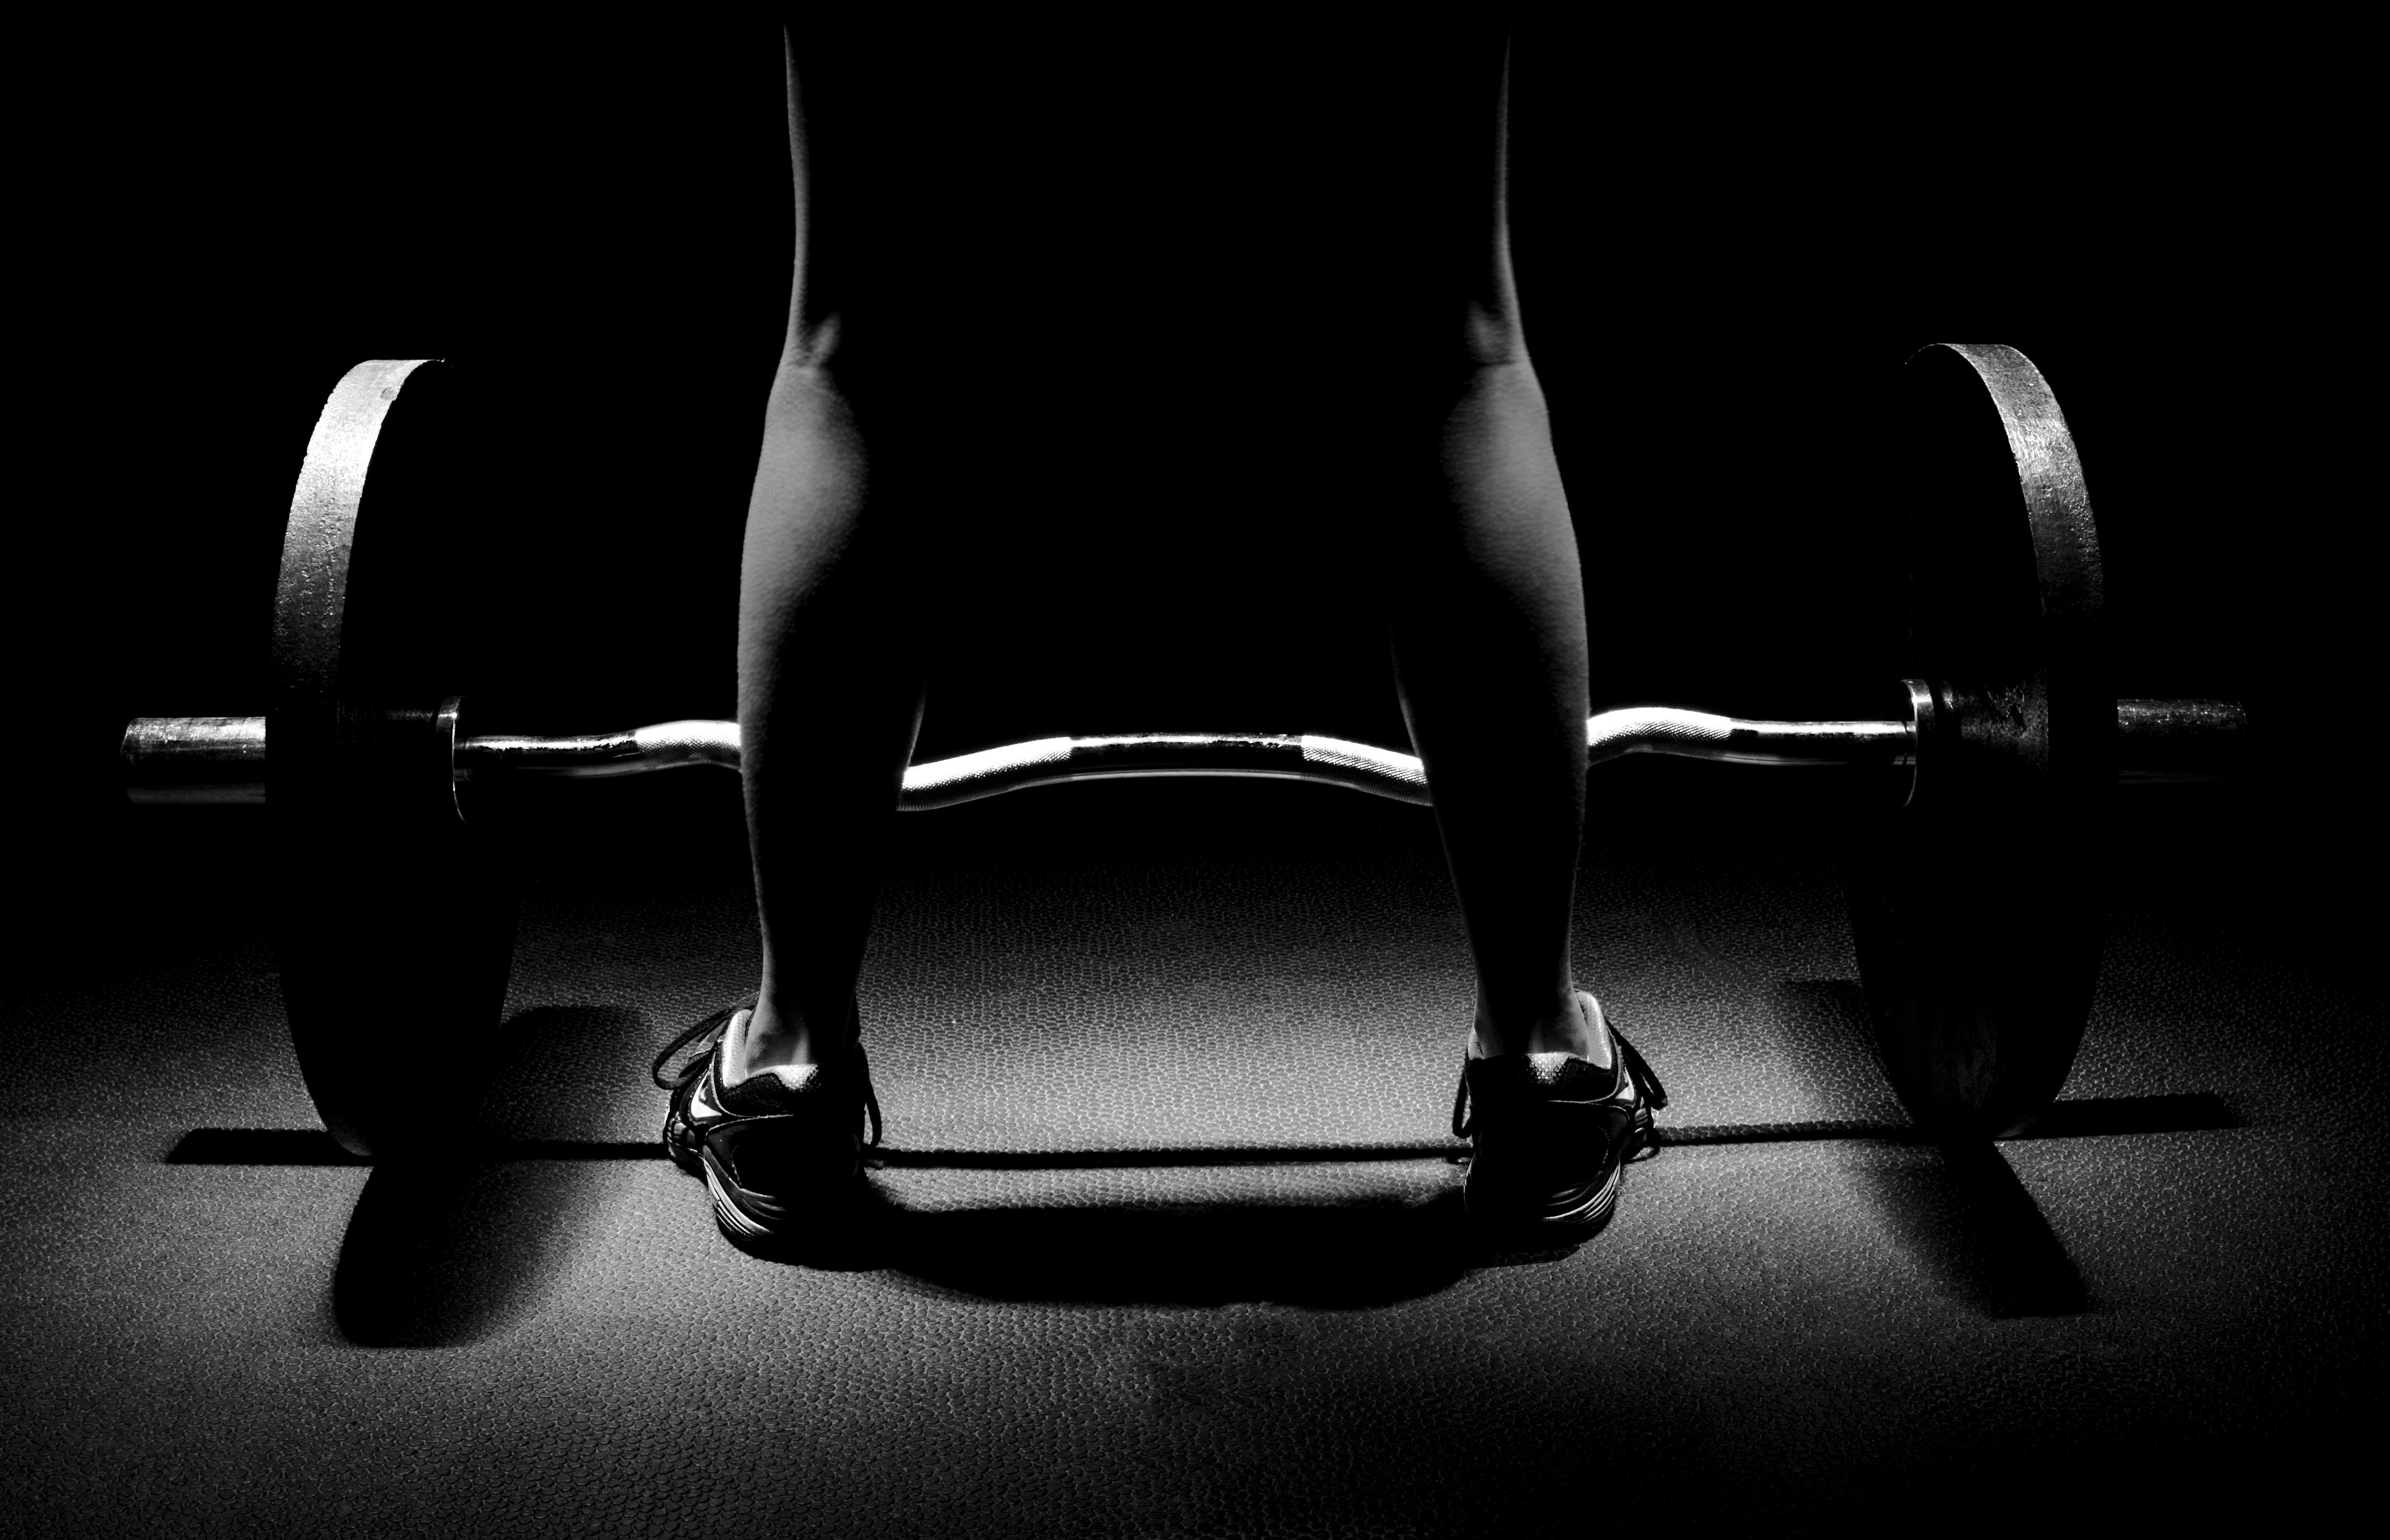 weight_lift